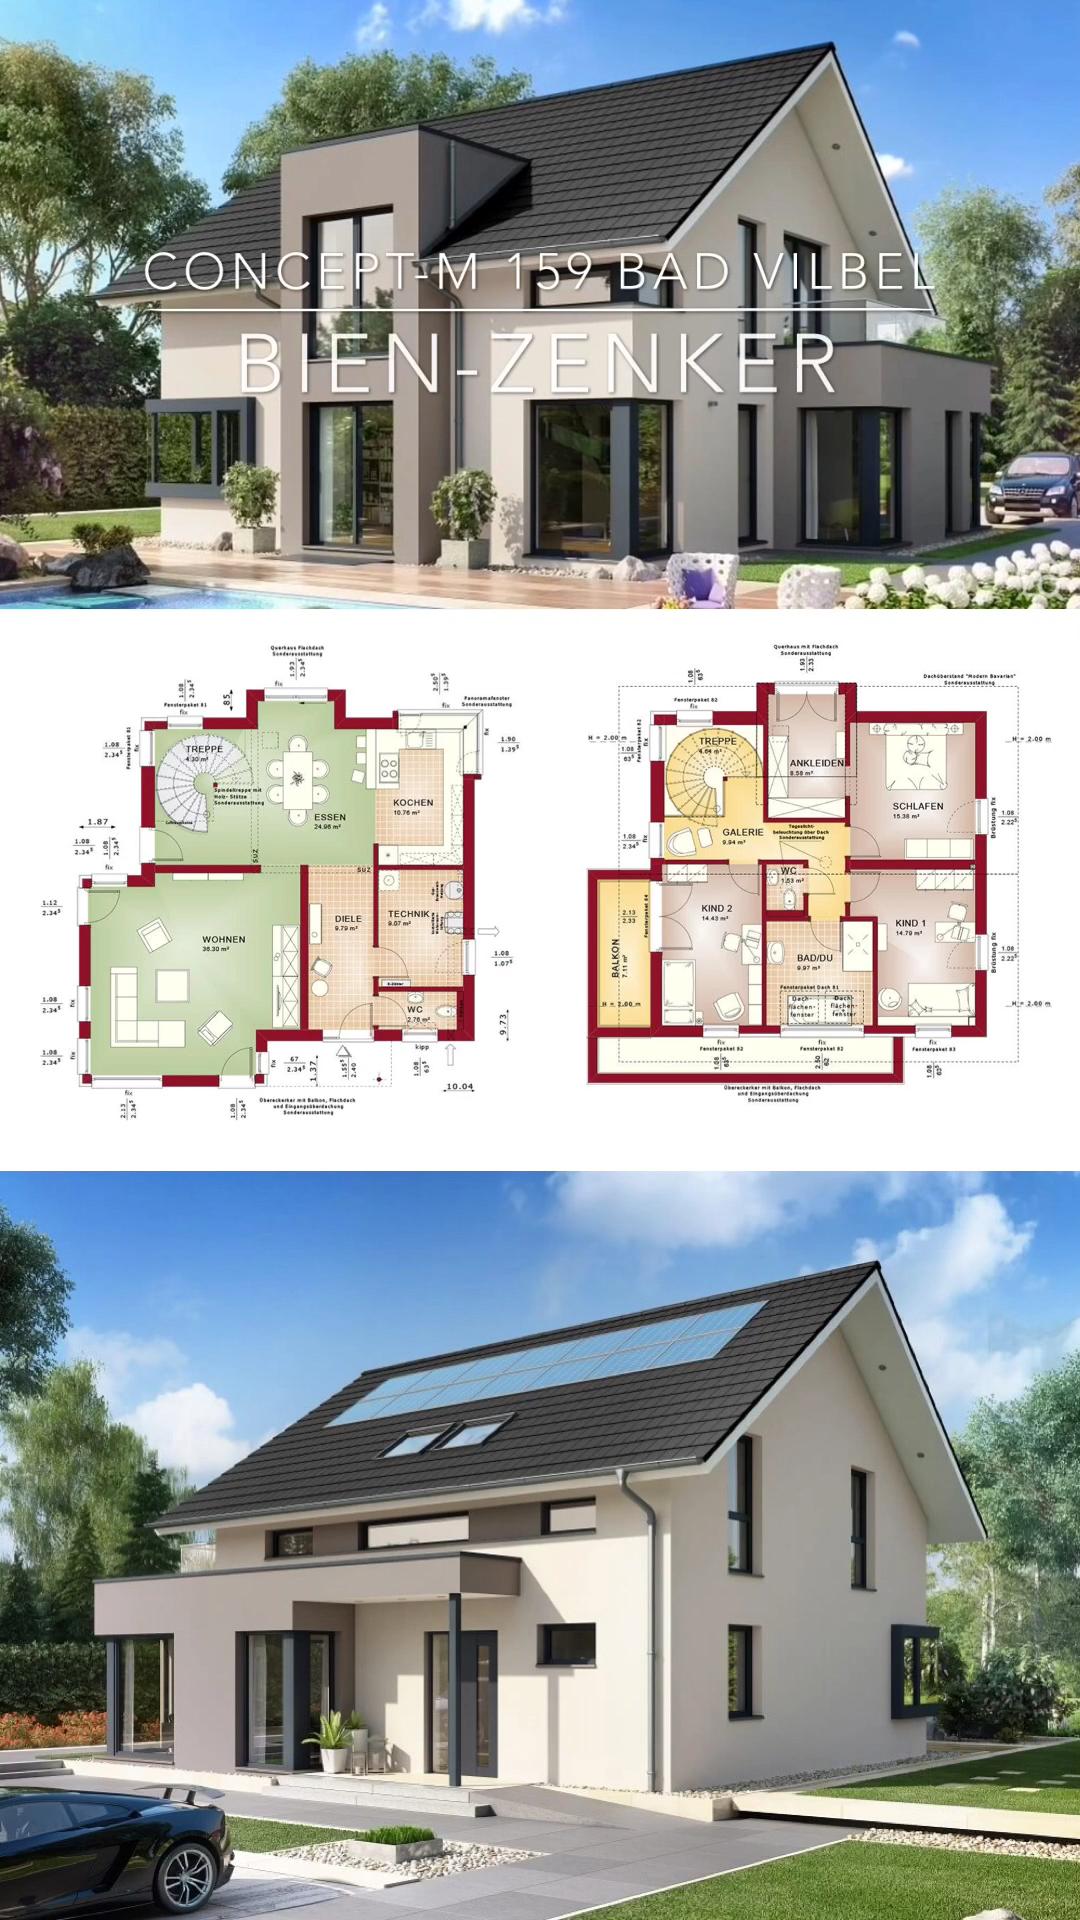 Photo of Einfamilienhaus klassisch mit Satteldach & Erker – Haus Design Ideen innen & aussen mit Grundriss